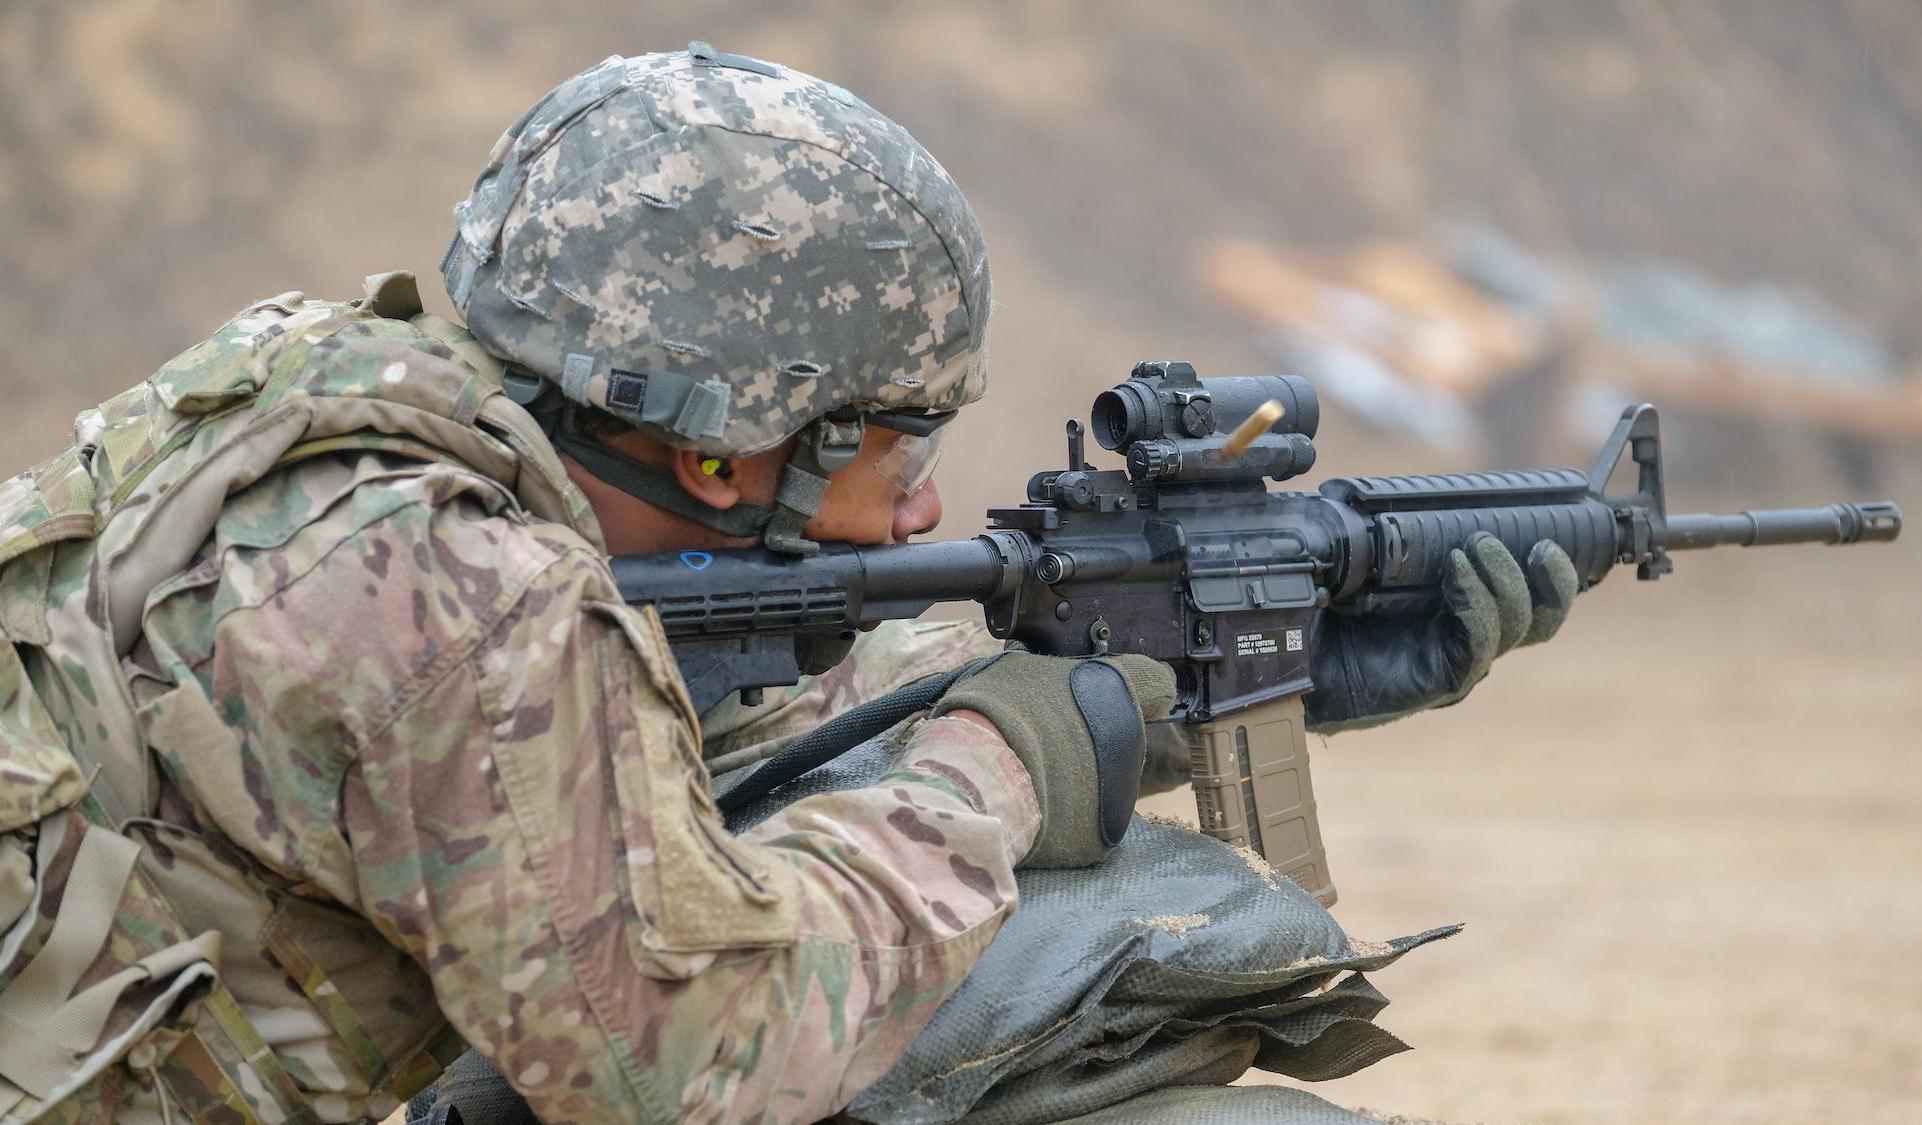 Американские военные получат умные винтовки с системой распознавания целей